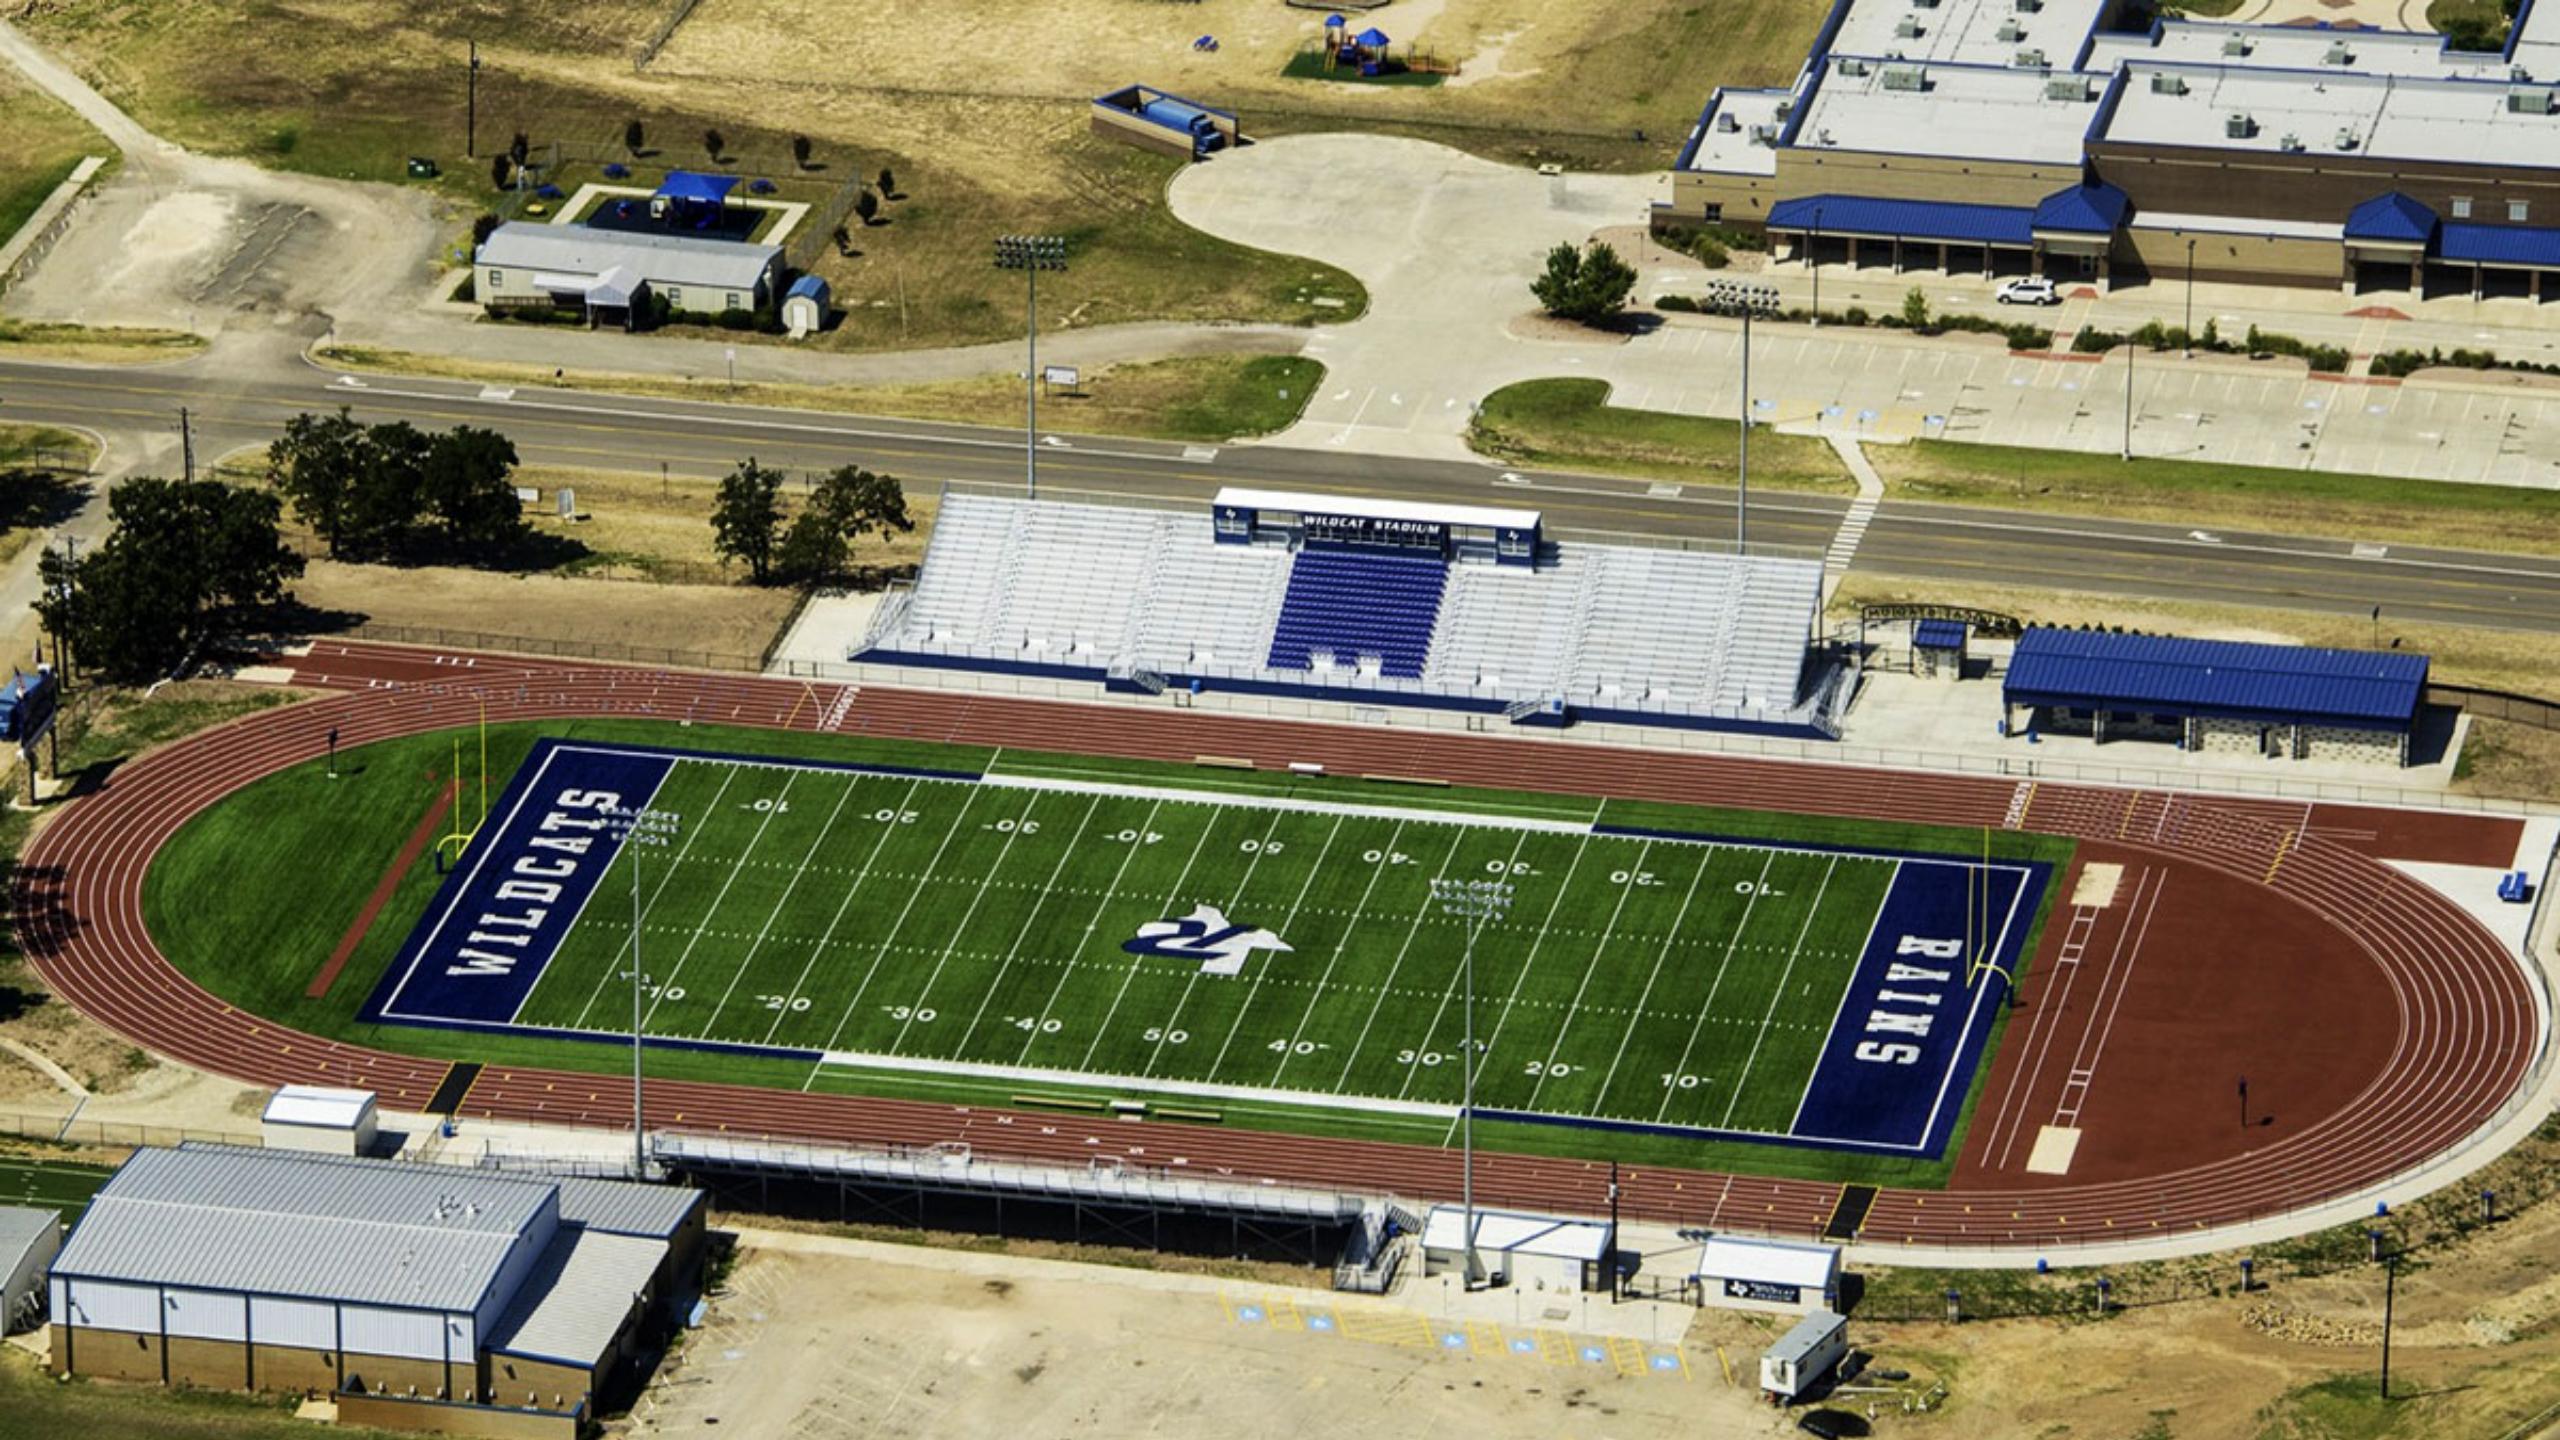 aerial view of Rains Wildcat Stadium